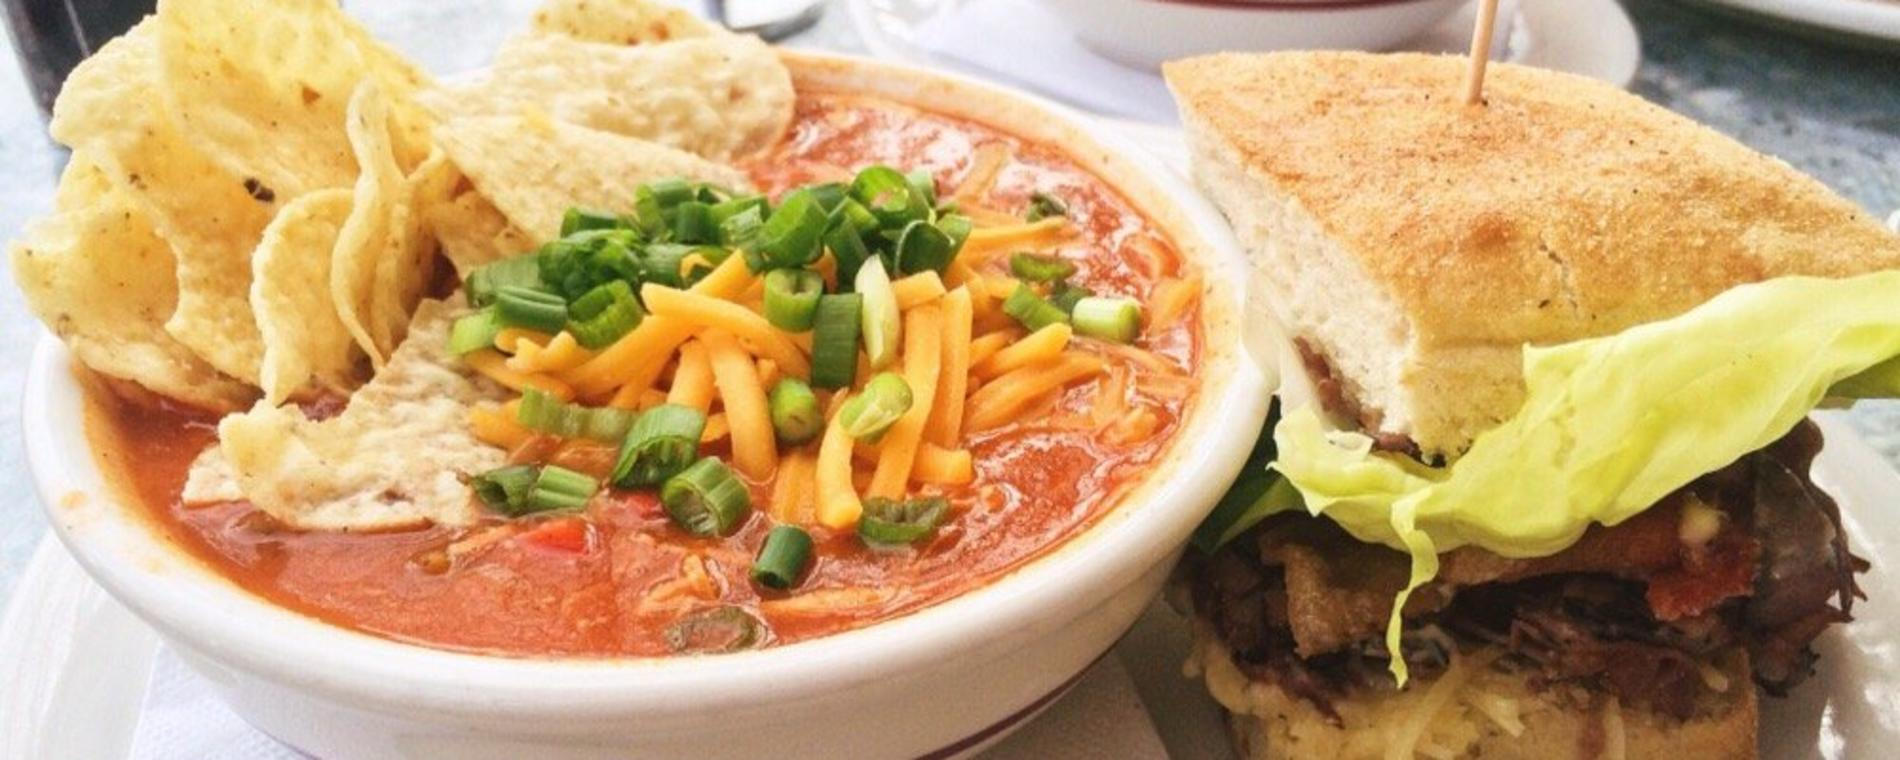 Tanya's Soup Kitchen soup/sandwich Visit Wichita